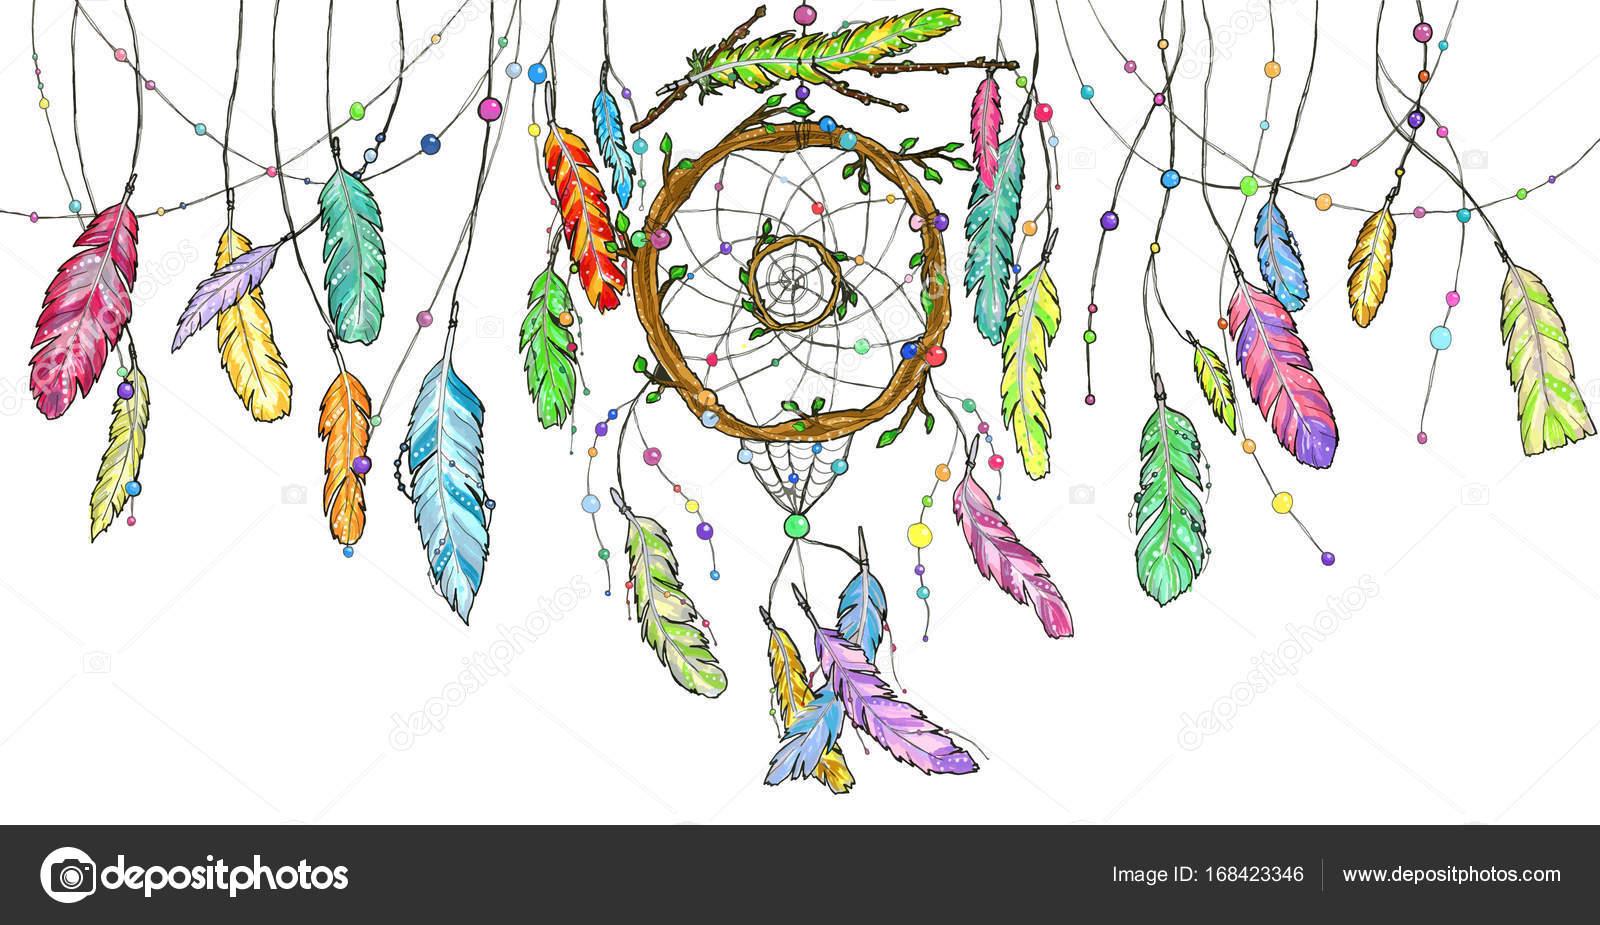 łapacz Snów Akwarela Z Jasne Kolorowe Pióra Wahadłowe